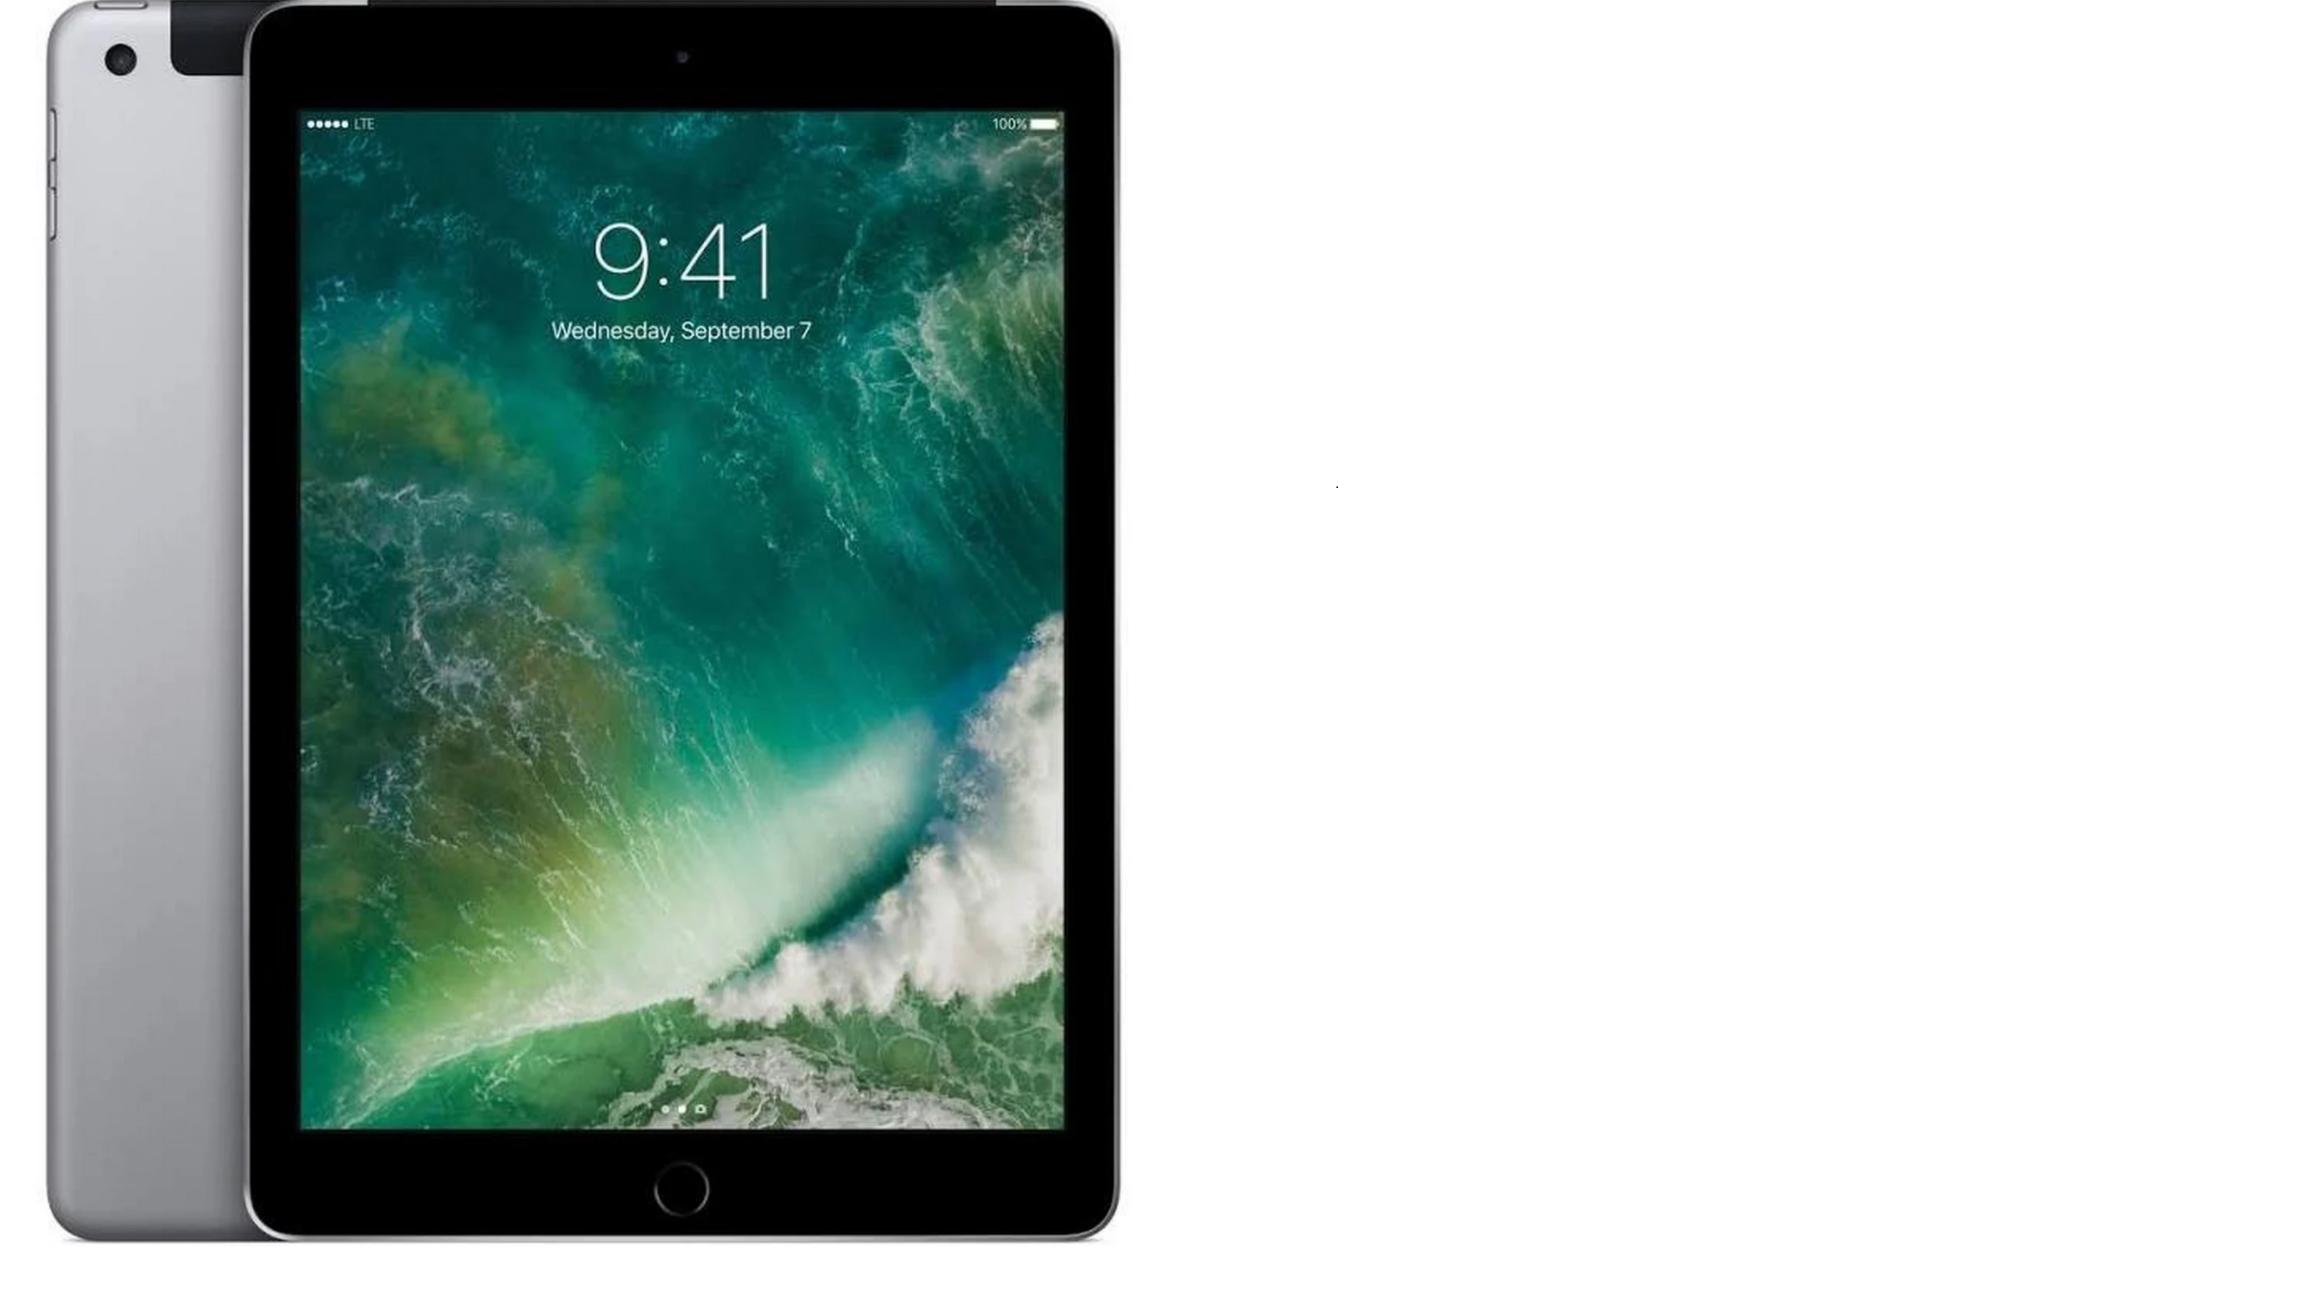 Apple iPad - Wi-Fi - 32 GB Space Gray (2017) YYMV $200